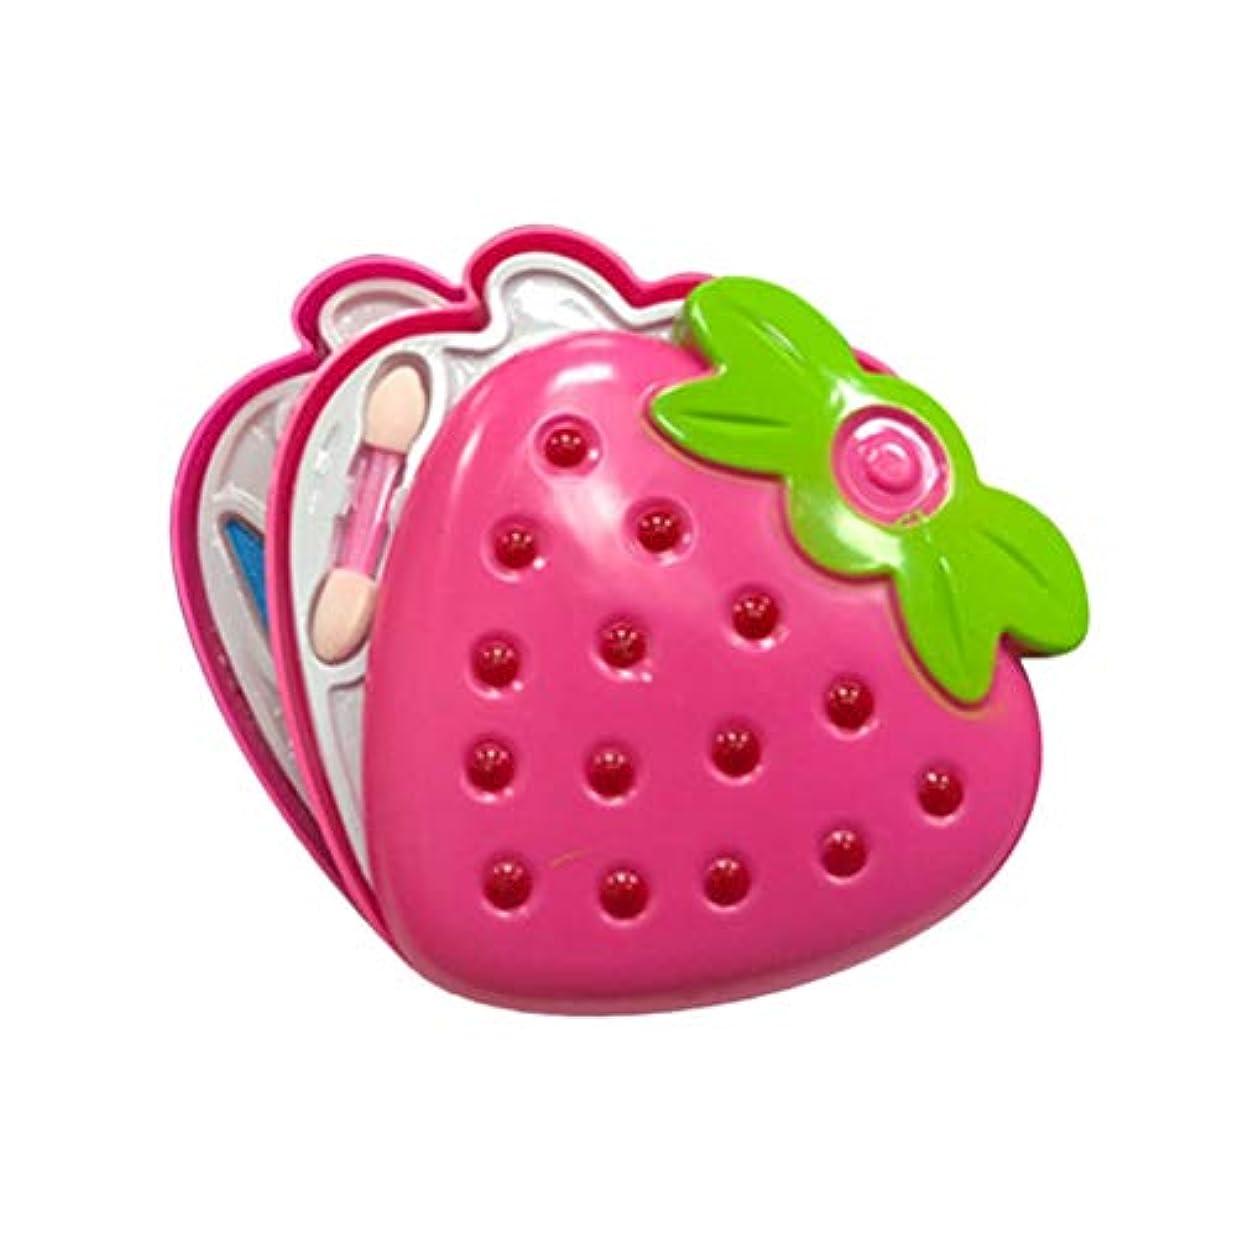 日記ミンチ仲間Toyvian キッズガールズメイクアップセット三層化粧品美容キット美容セット子供のためのミラー